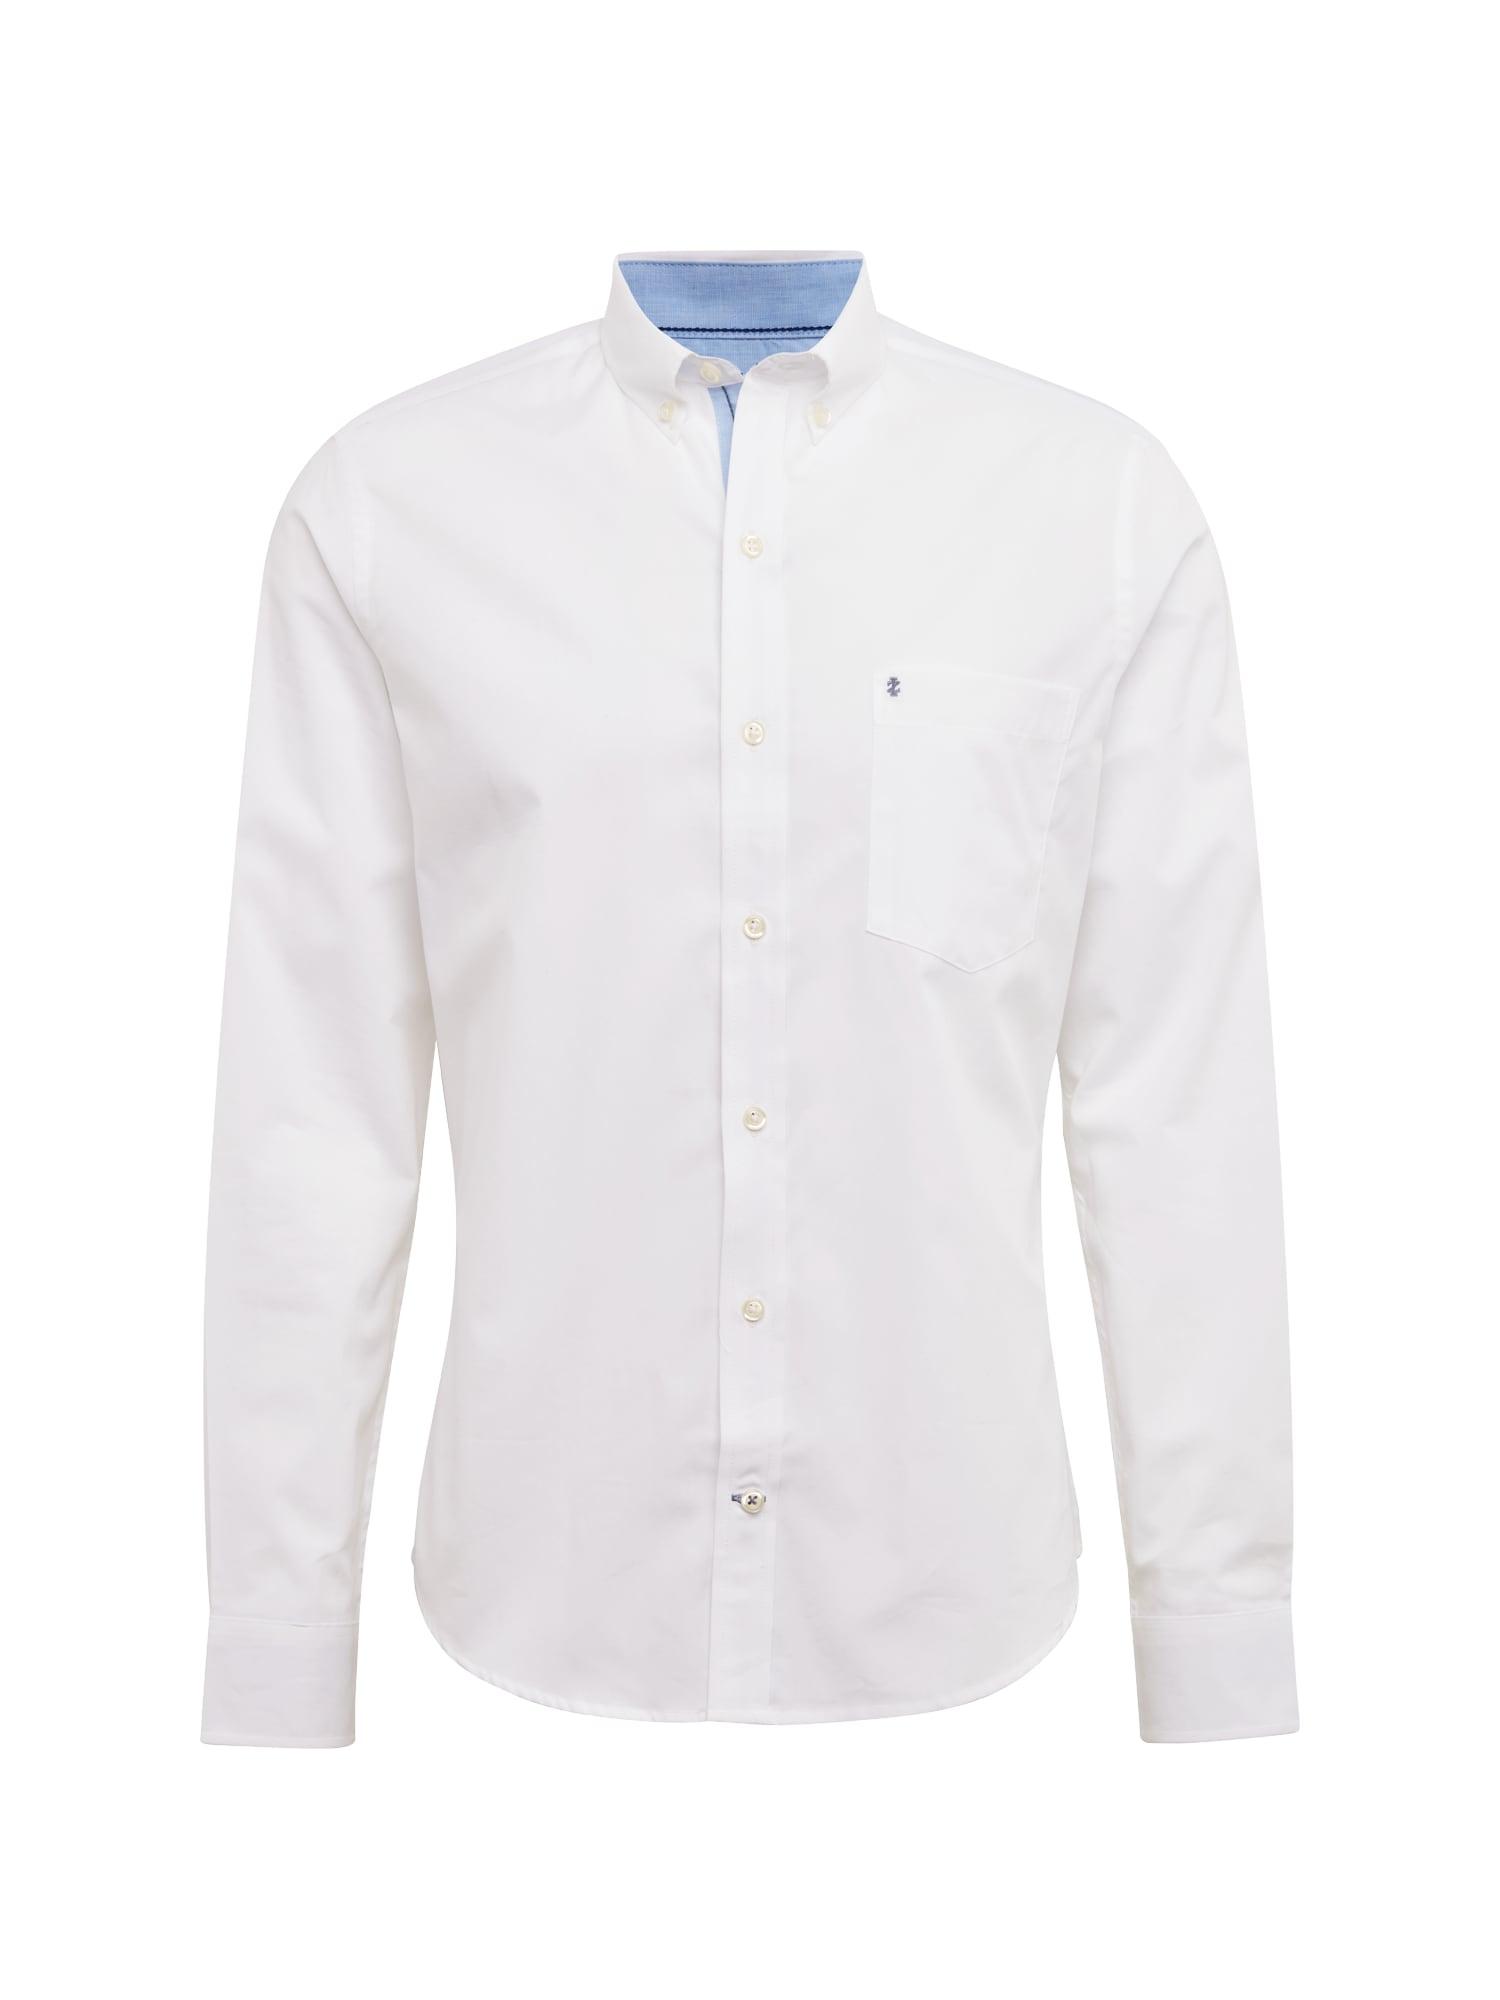 Košile END ON END WITH DETAILS BD SHIRT bílá IZOD